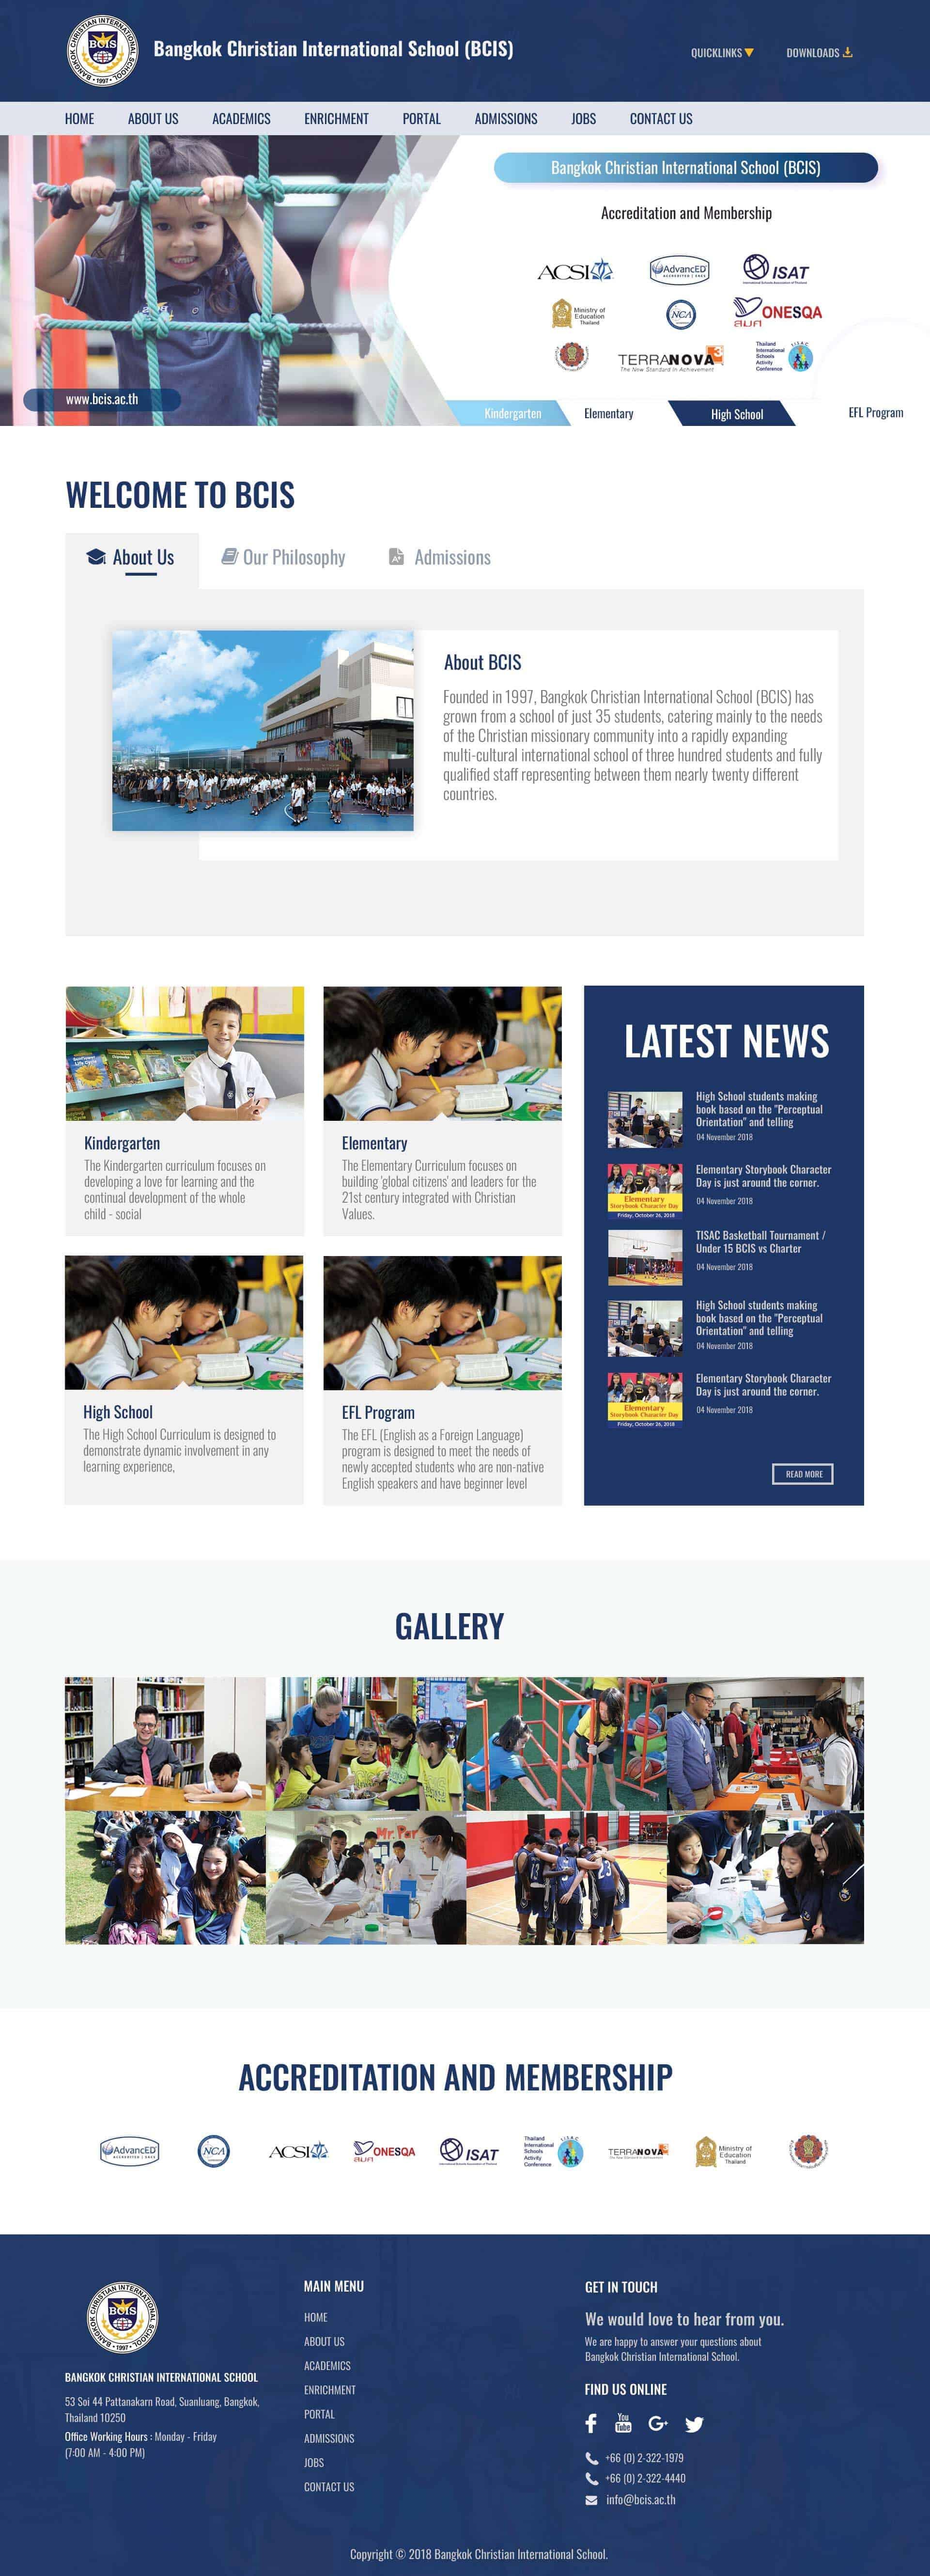 กรุงเทพ ครีสเตียน | เว็บไซต์ (BCIS) - teeneeweb.com